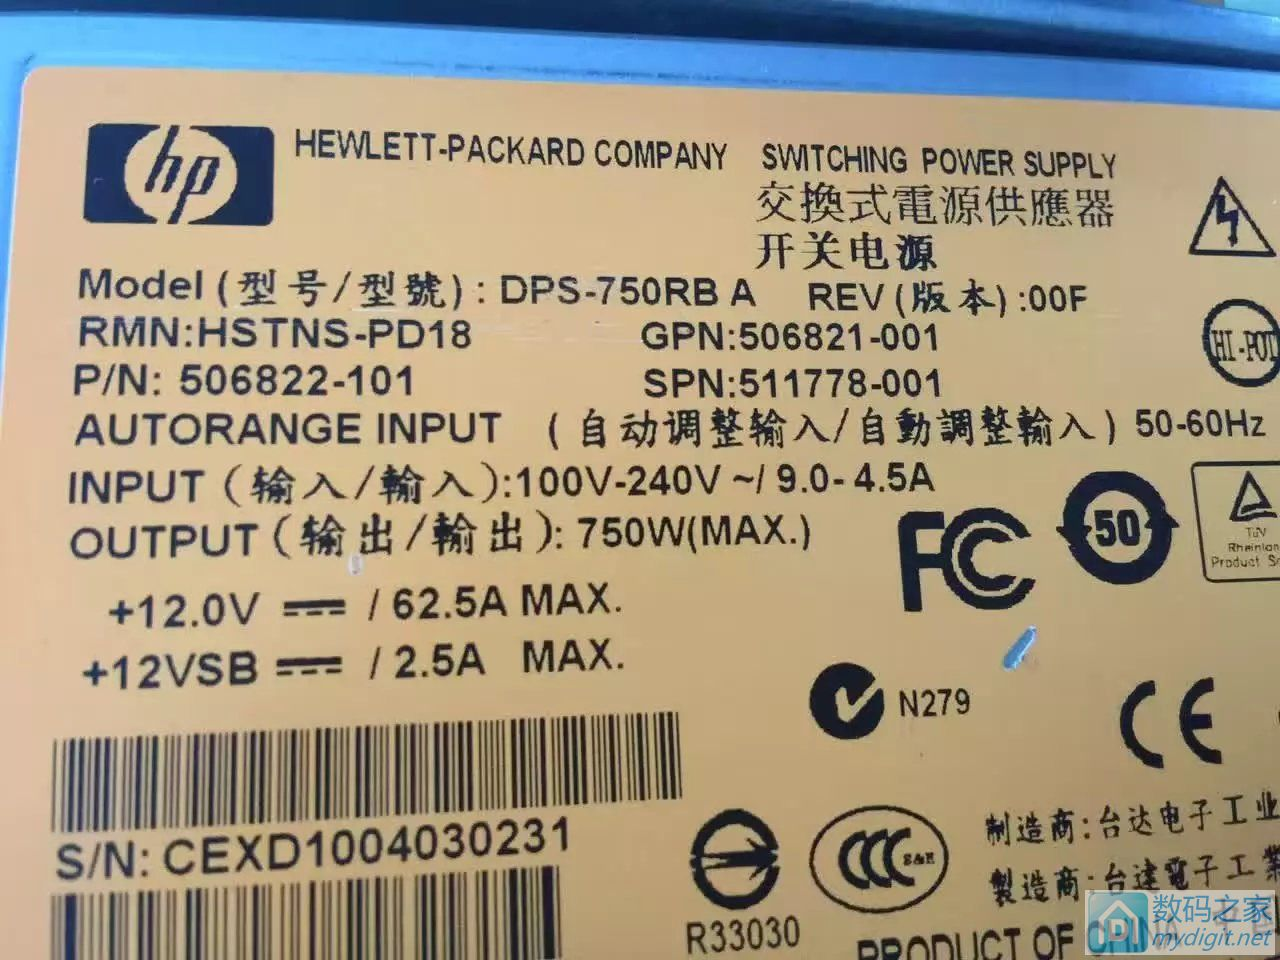 求助 如何脱机启动惠普第六代服务器电源